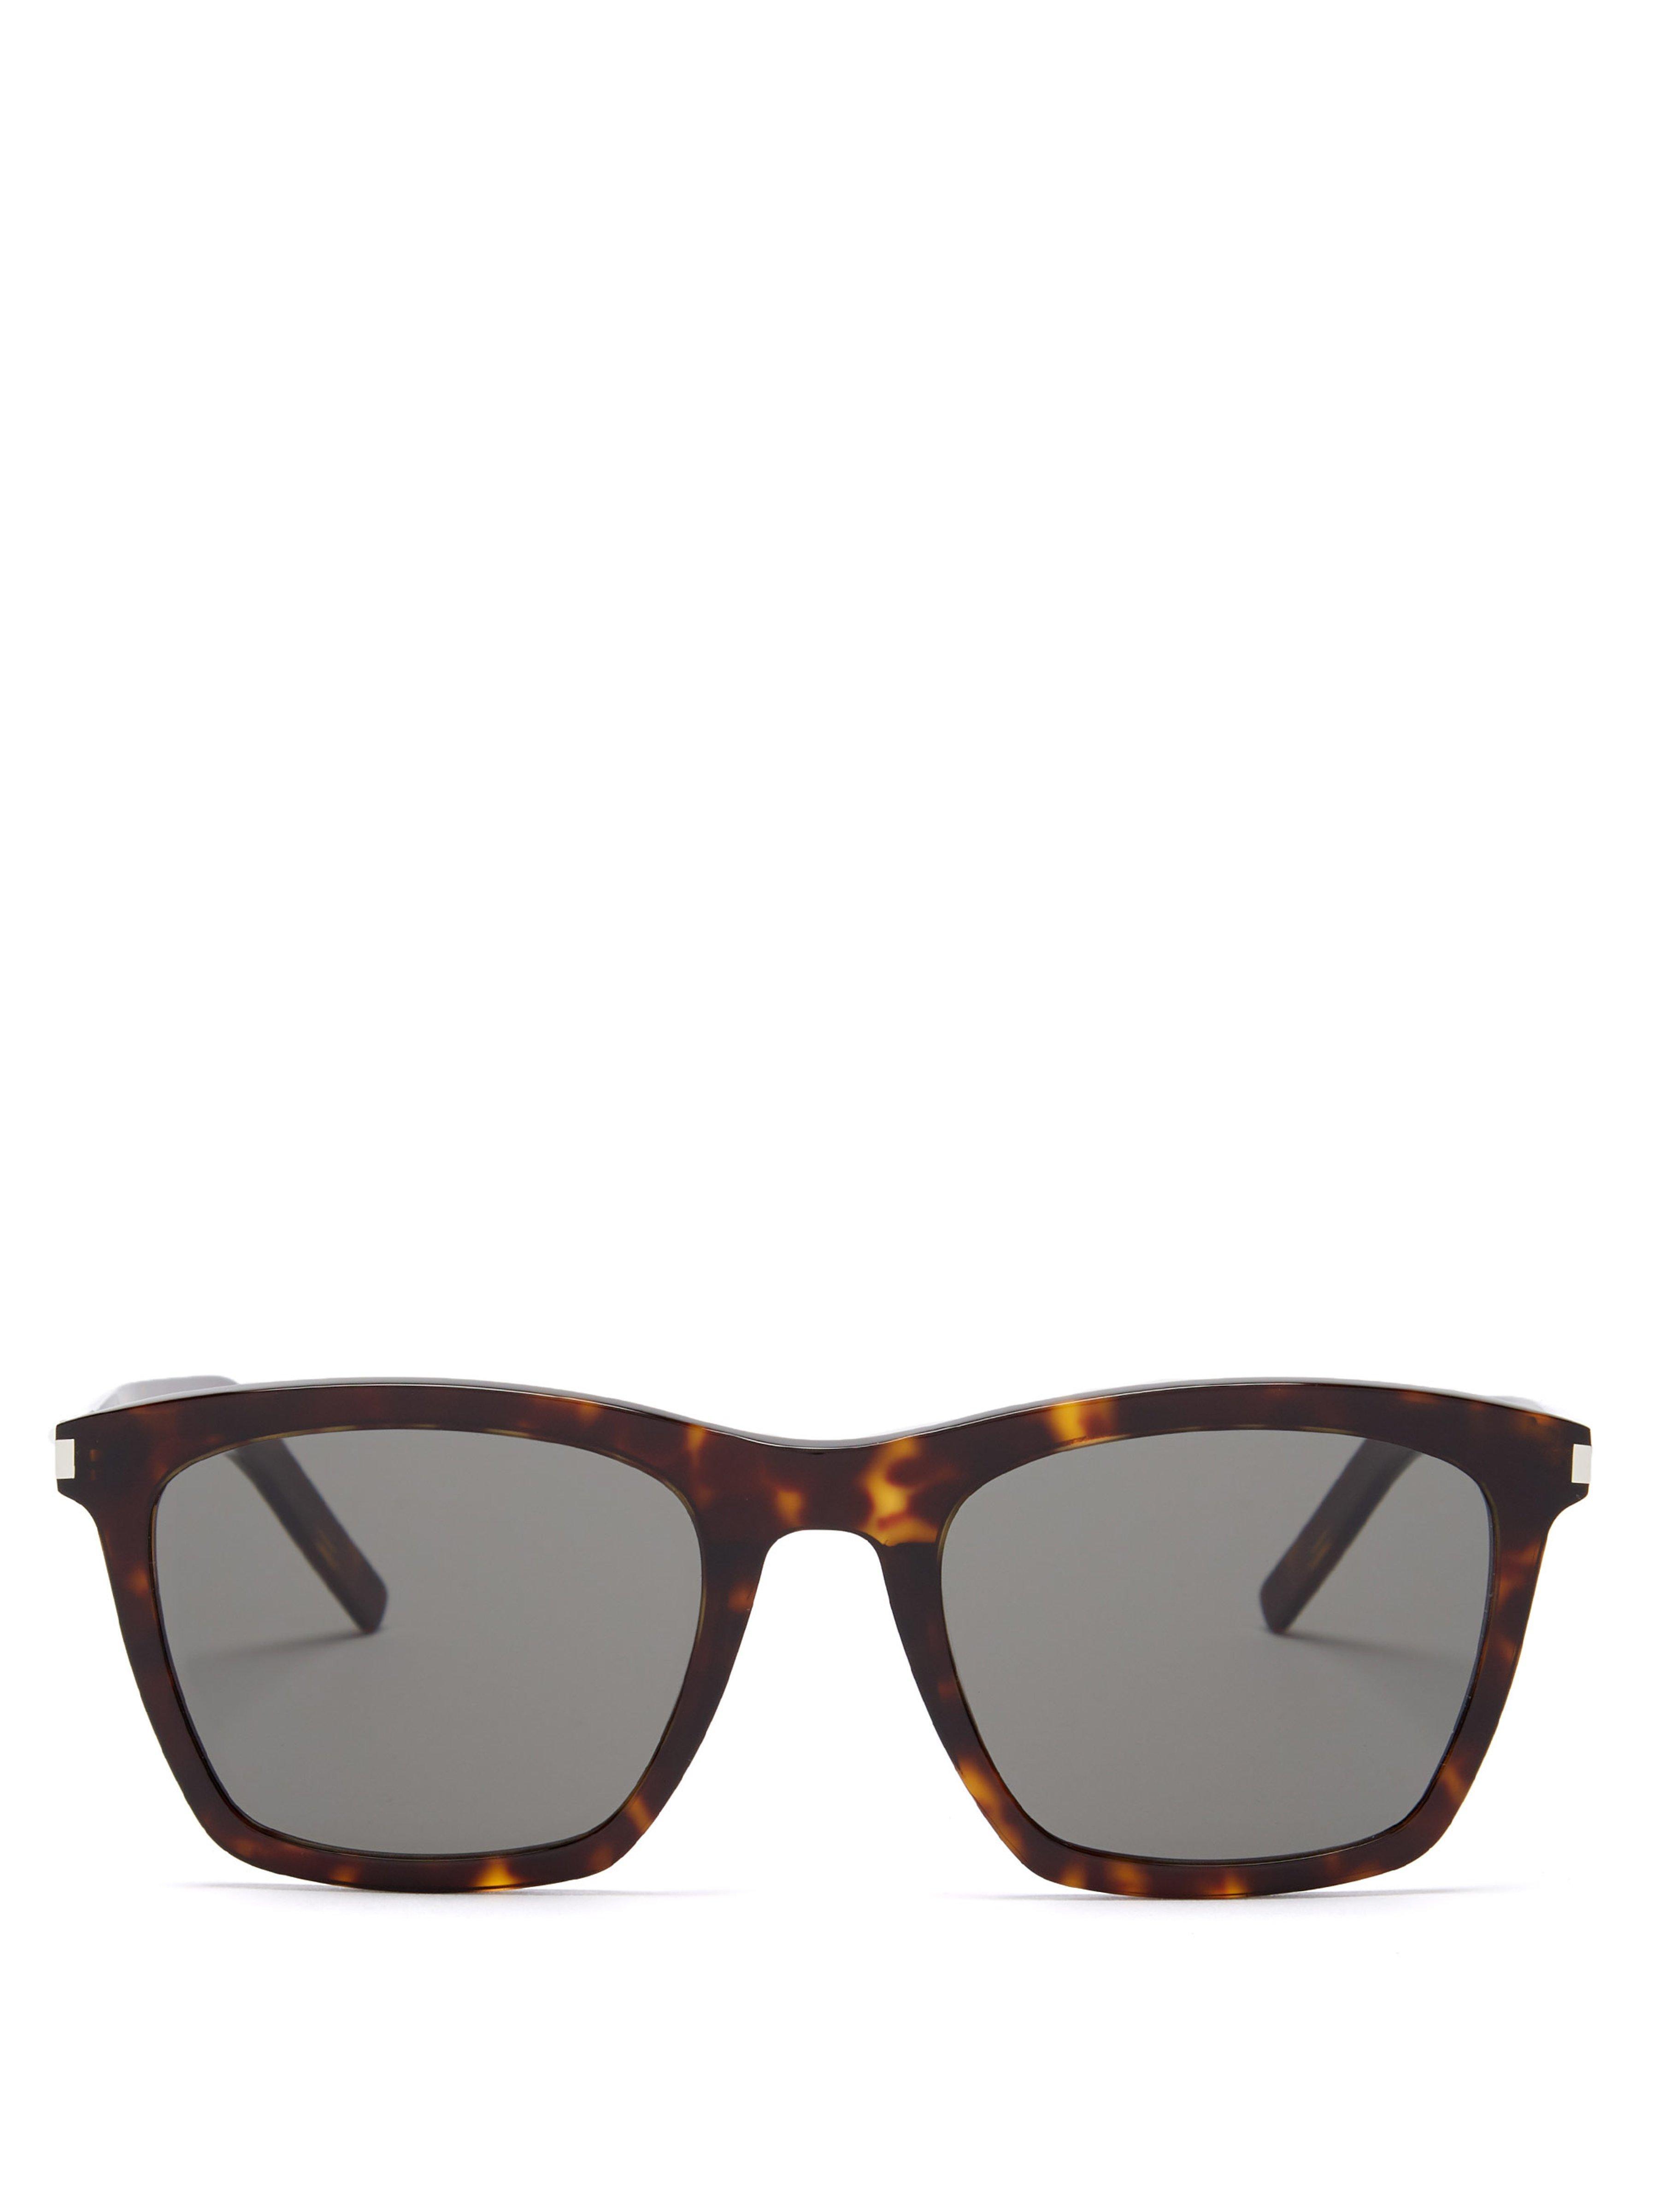 91abe08c3196 Saint Laurent D Frame Tortoiseshell Acetate Sunglasses in Brown for ...